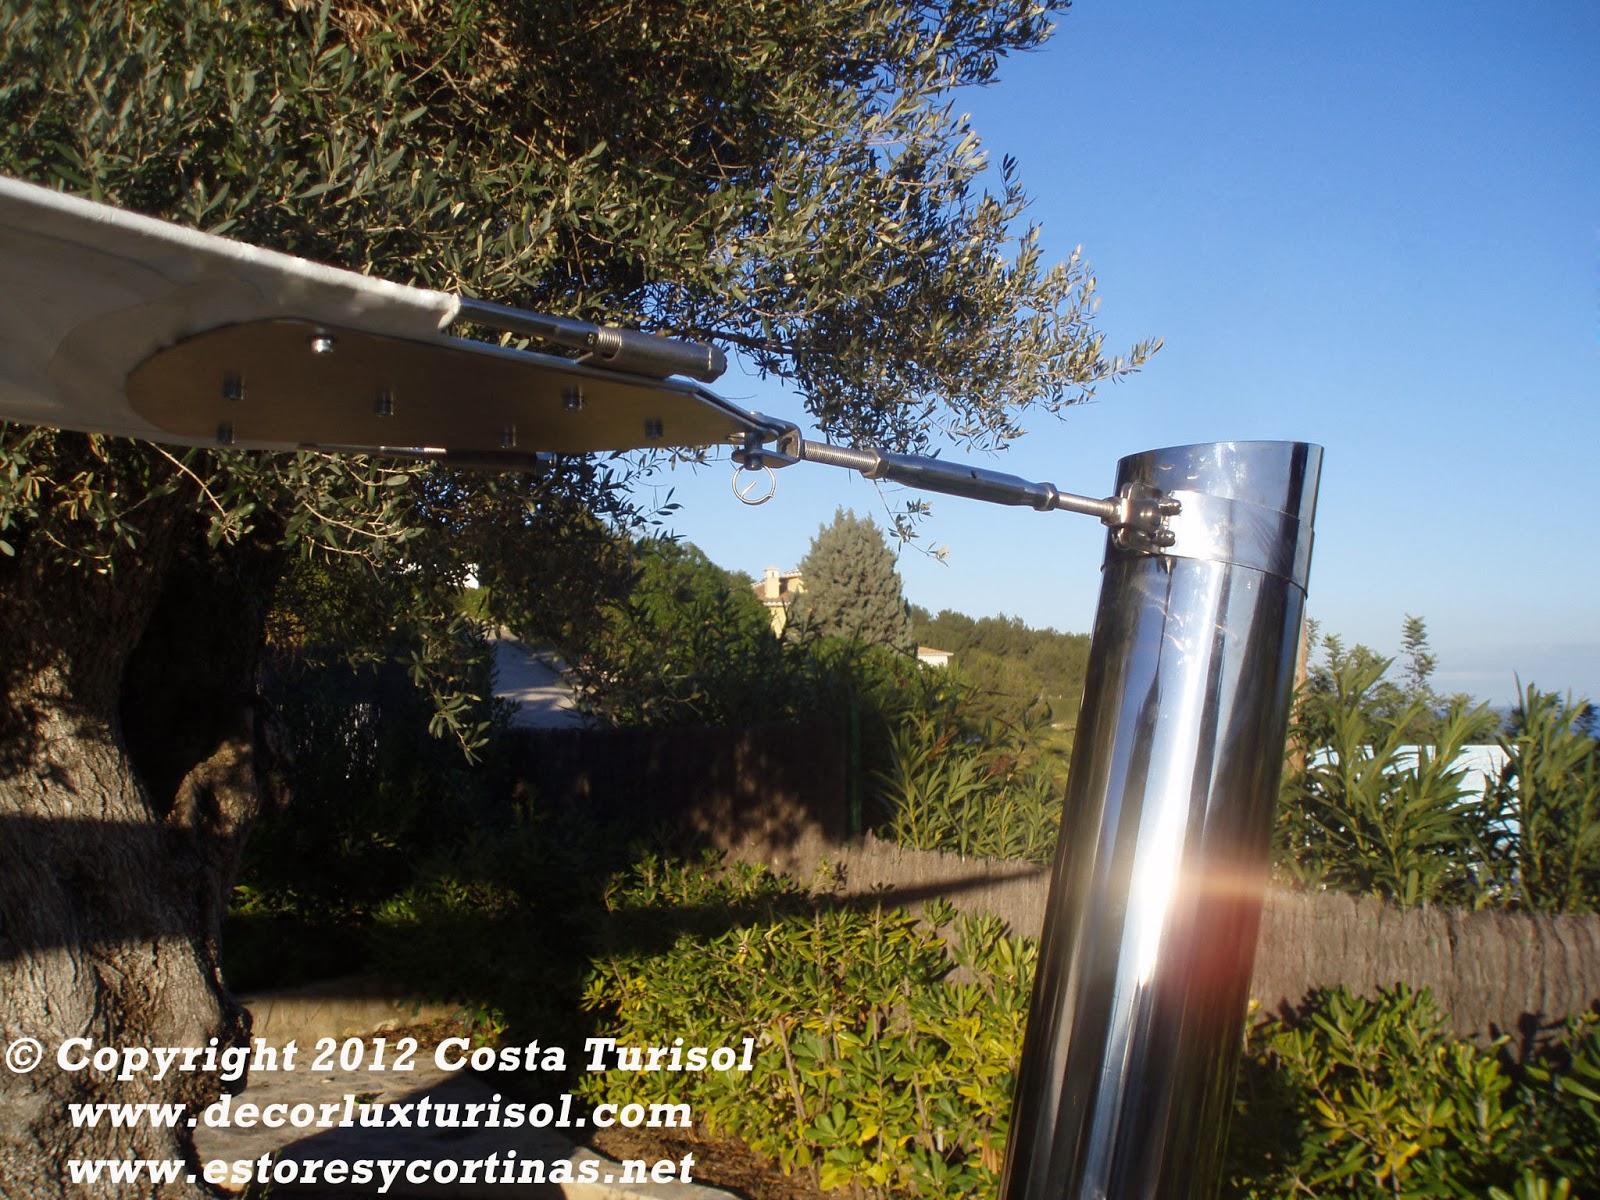 Decoracion interior cortinas verticales estores for Barras de aluminio para toldos